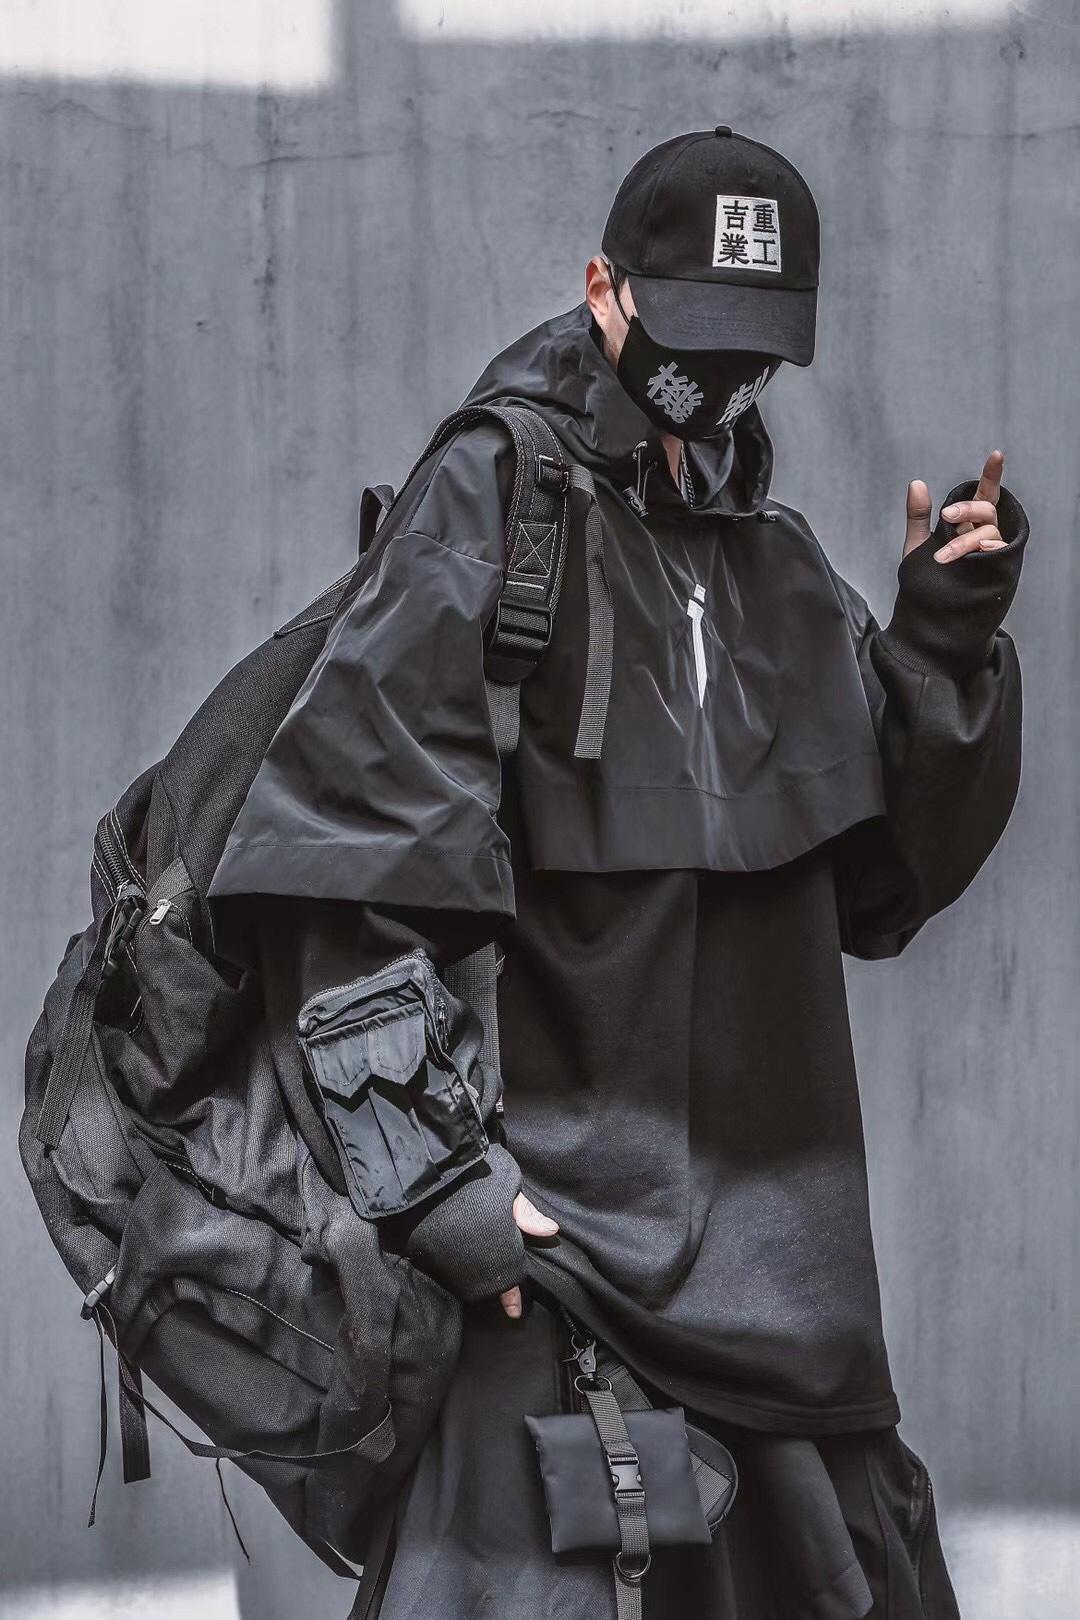 吉业重工双层重叠设计刺绣大版宽松夹克街头嘻哈斗篷式外套小伙子